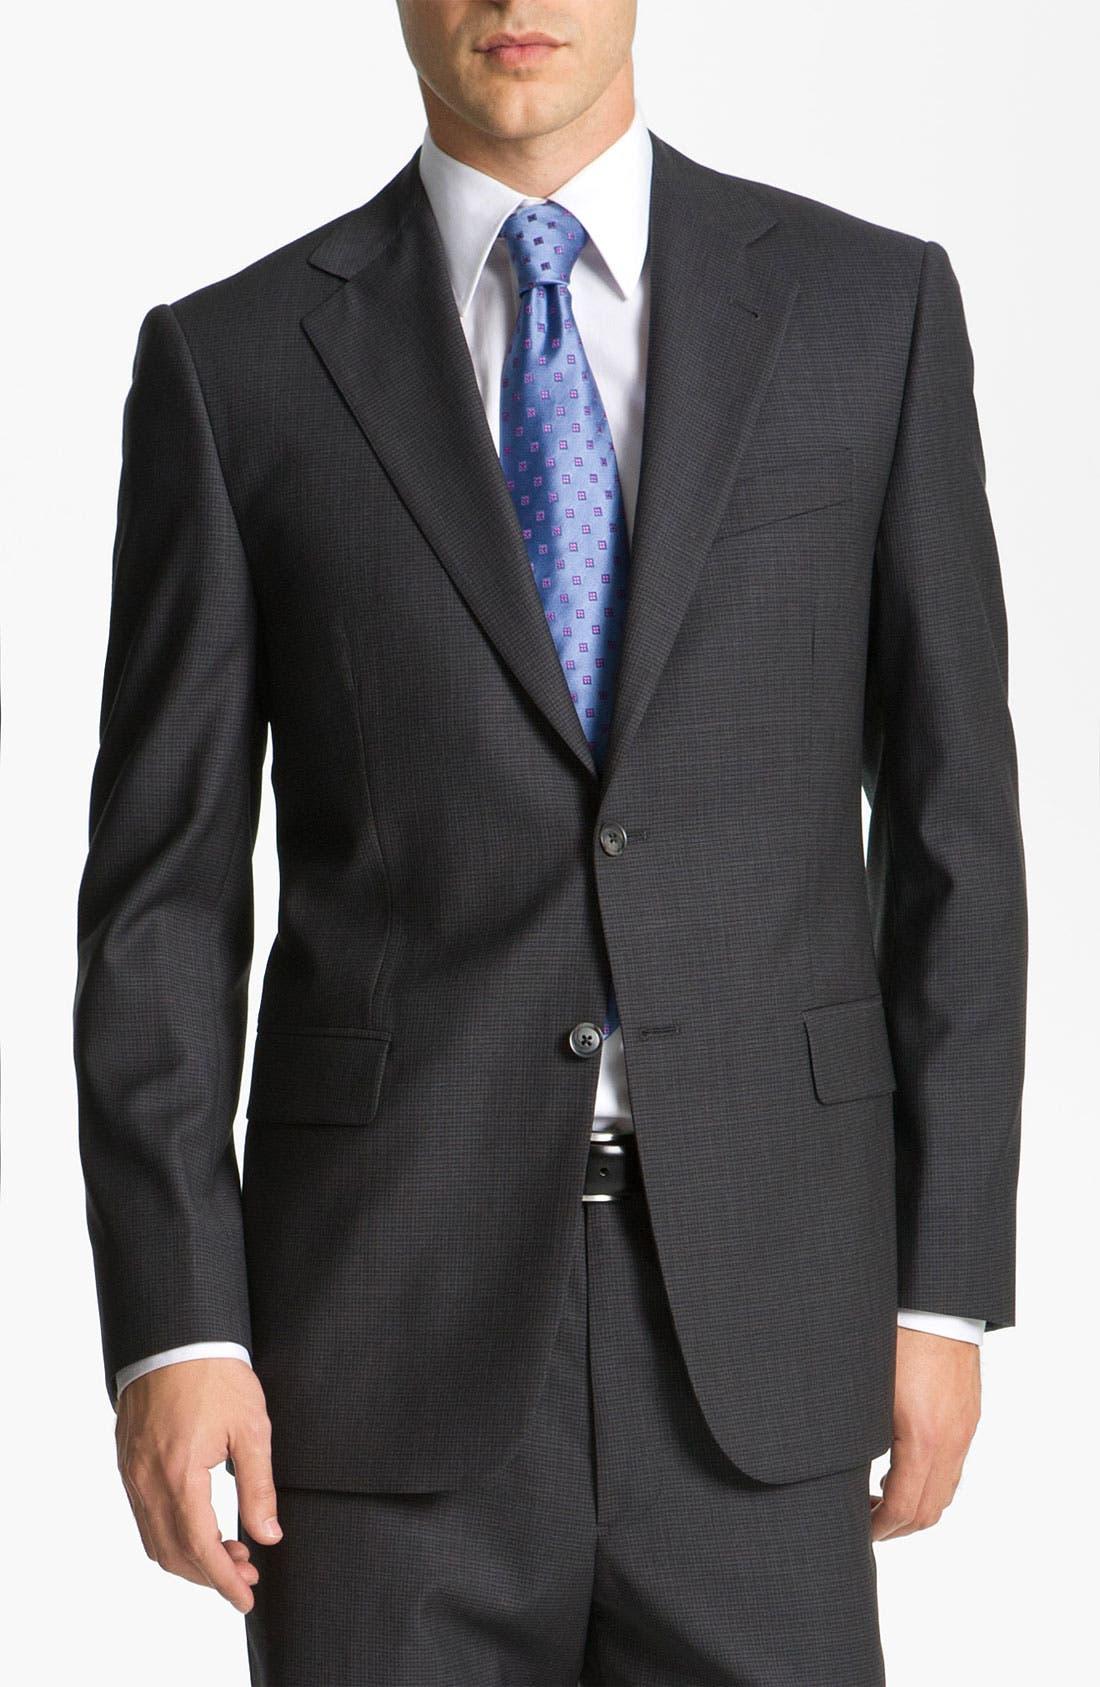 Main Image - Joseph Abboud 'Signature Silver' Check Suit